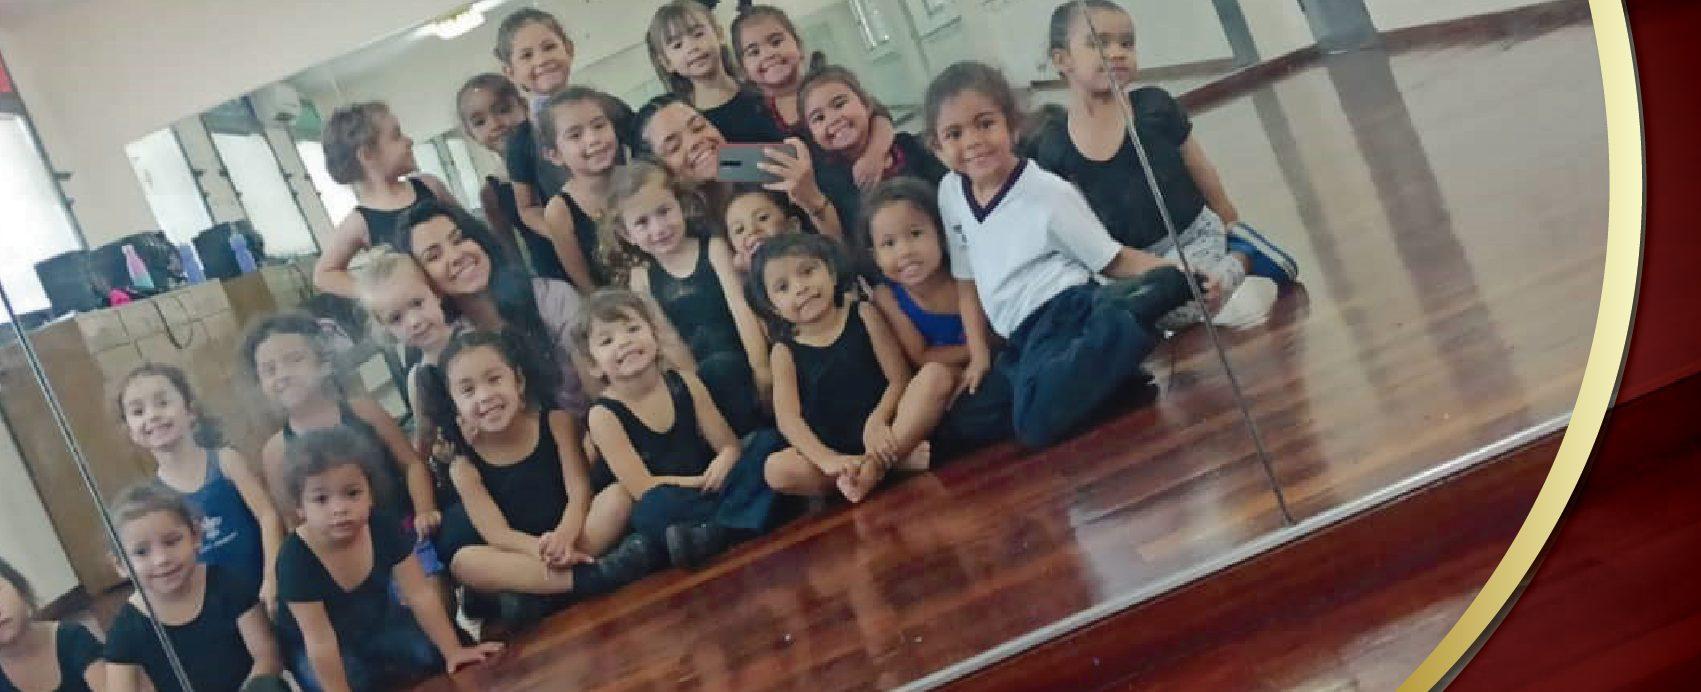 danza fotos-06